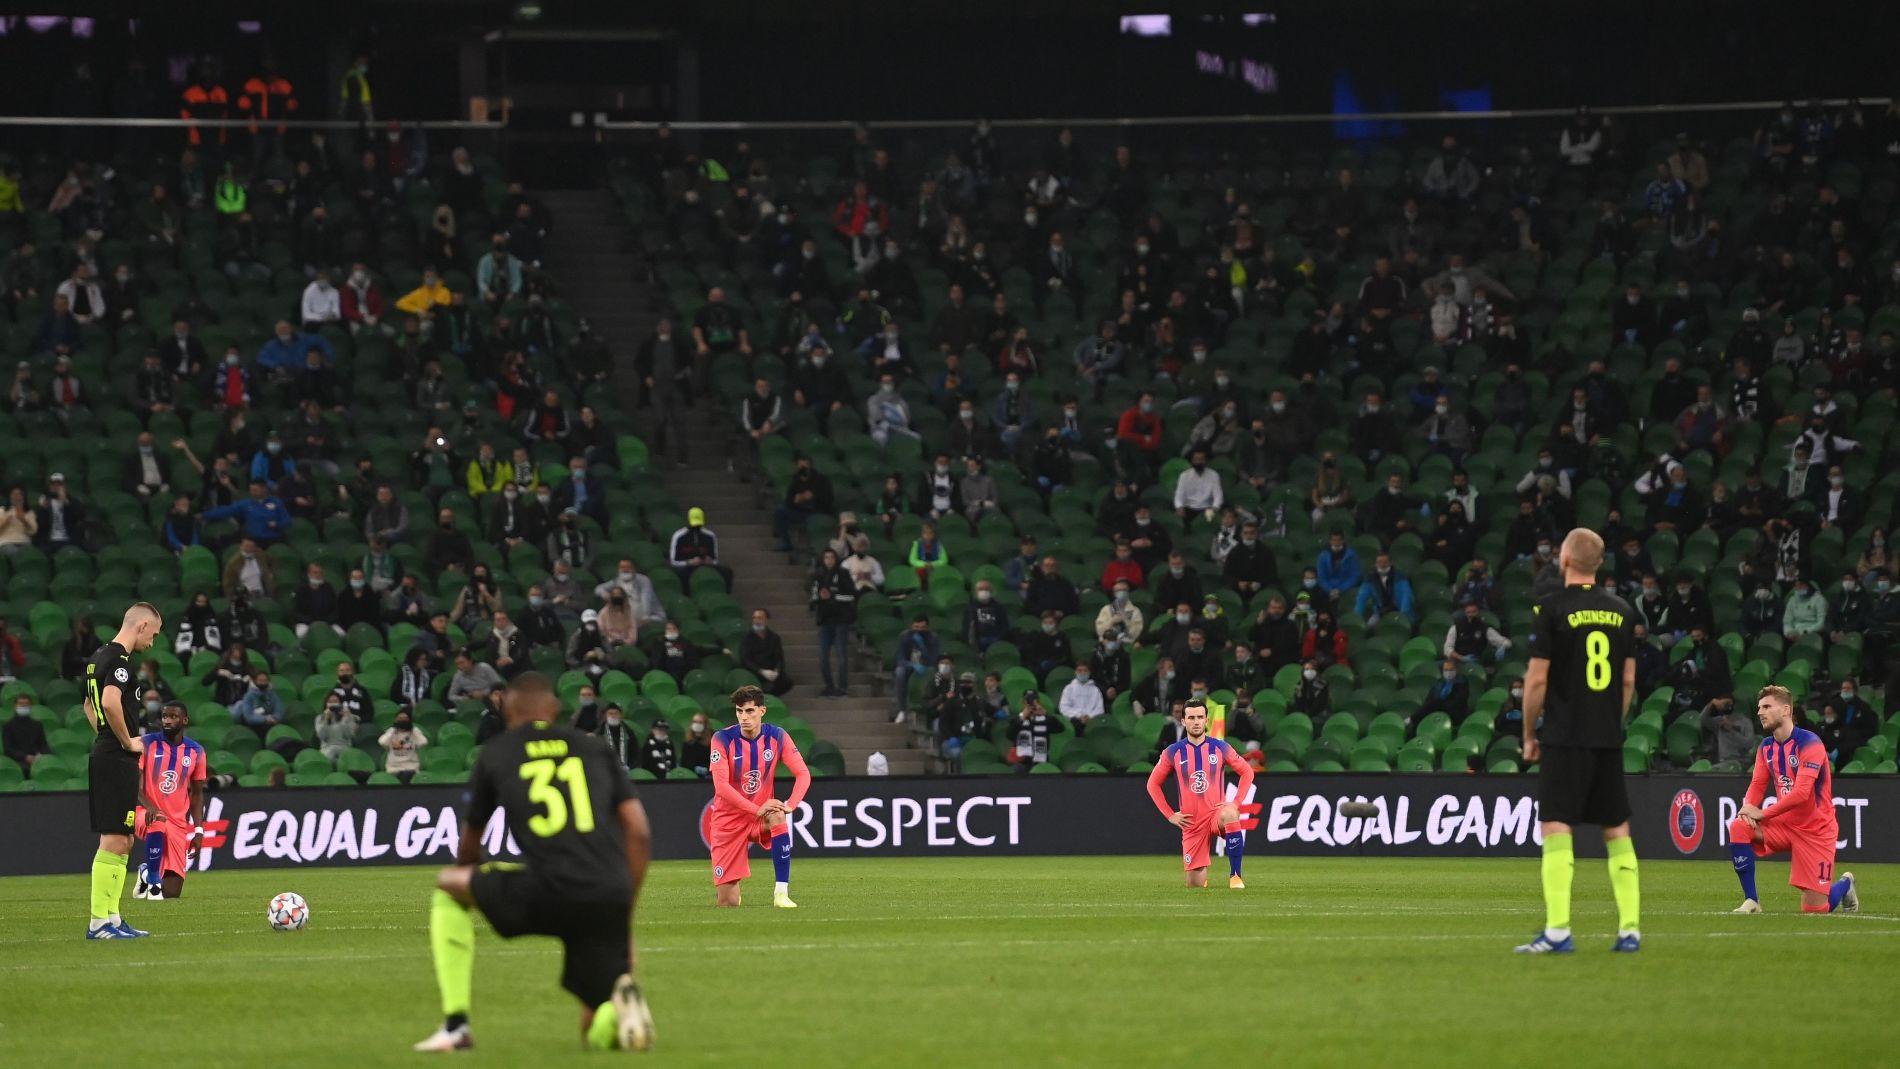 Матч «Краснодар» — «Челси», Краснодар, 28 октября 2020 года ©Фото twitter.com/futebolnomundo